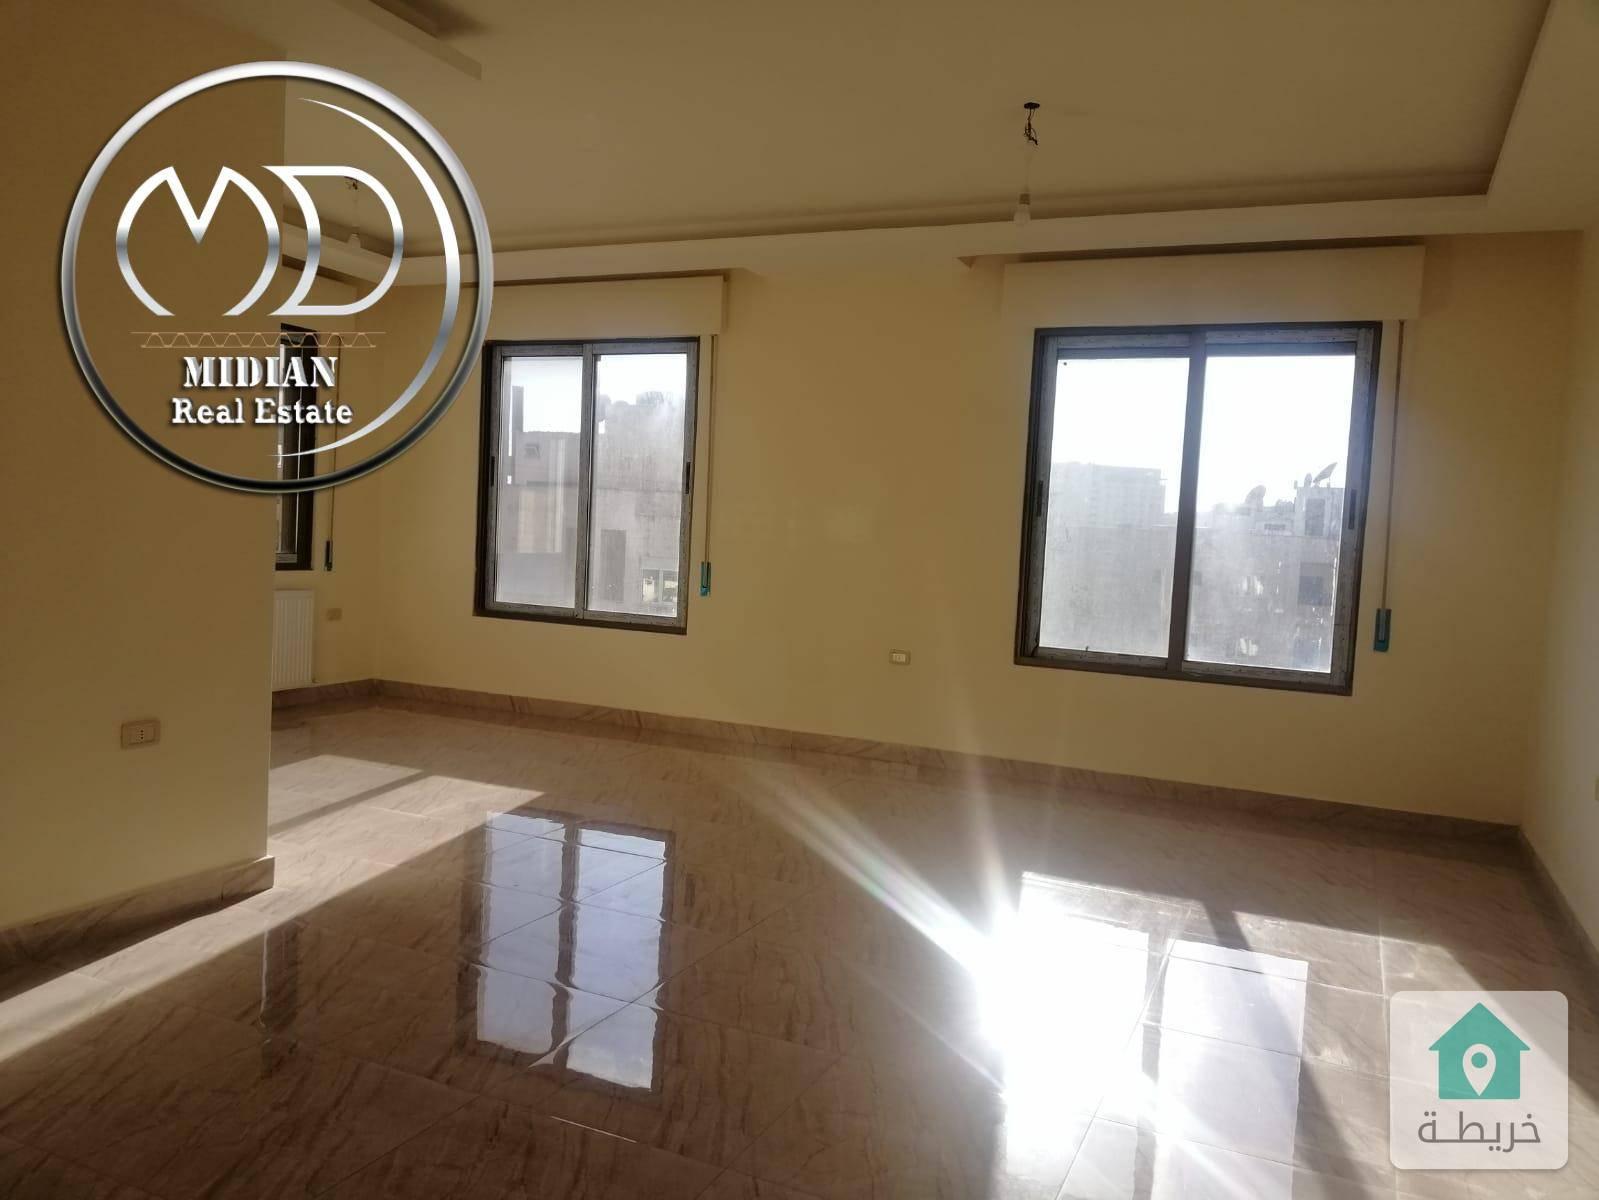 شقة جديده اخير مع روف للبيع الرابية مساحة 185م مع روف 80م بسعر مناسب مع امكانية التقسيط